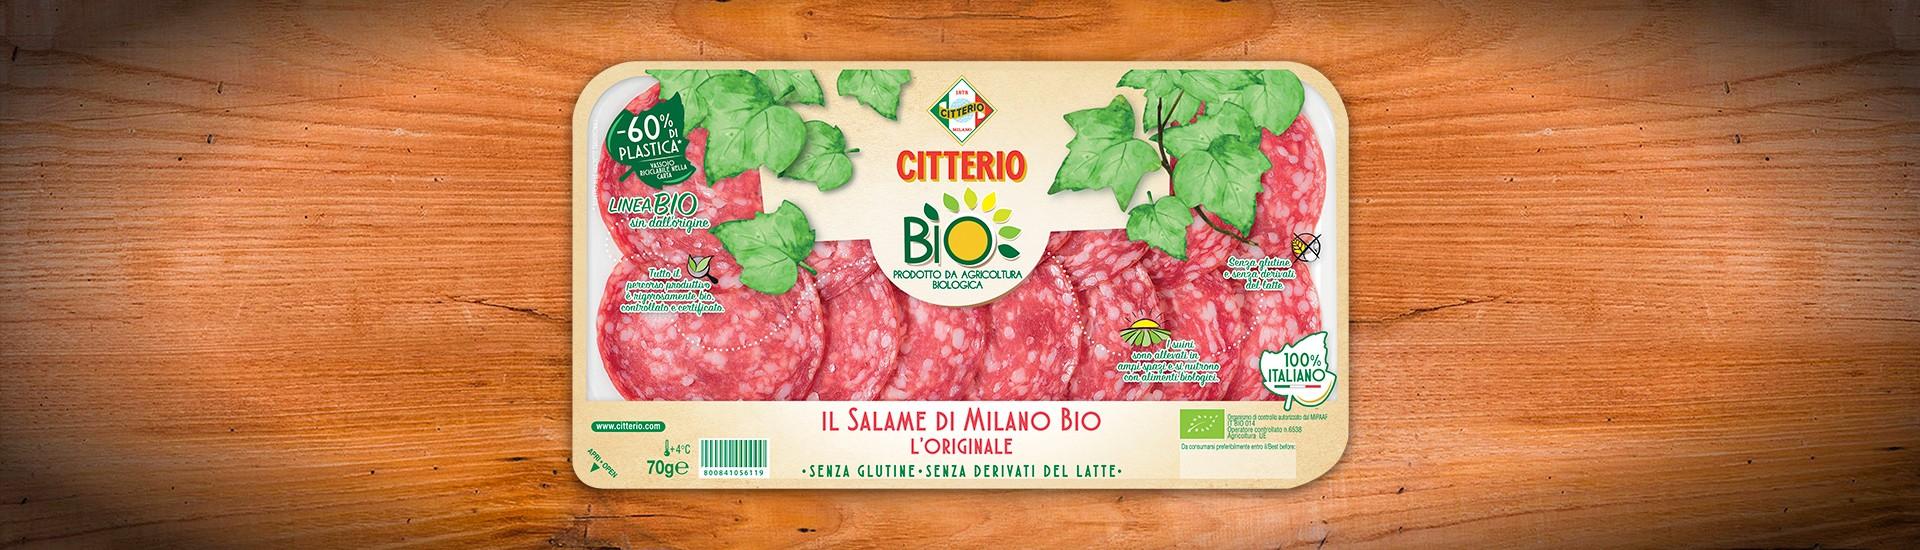 Il Salame di Milano BIO - L'Originale